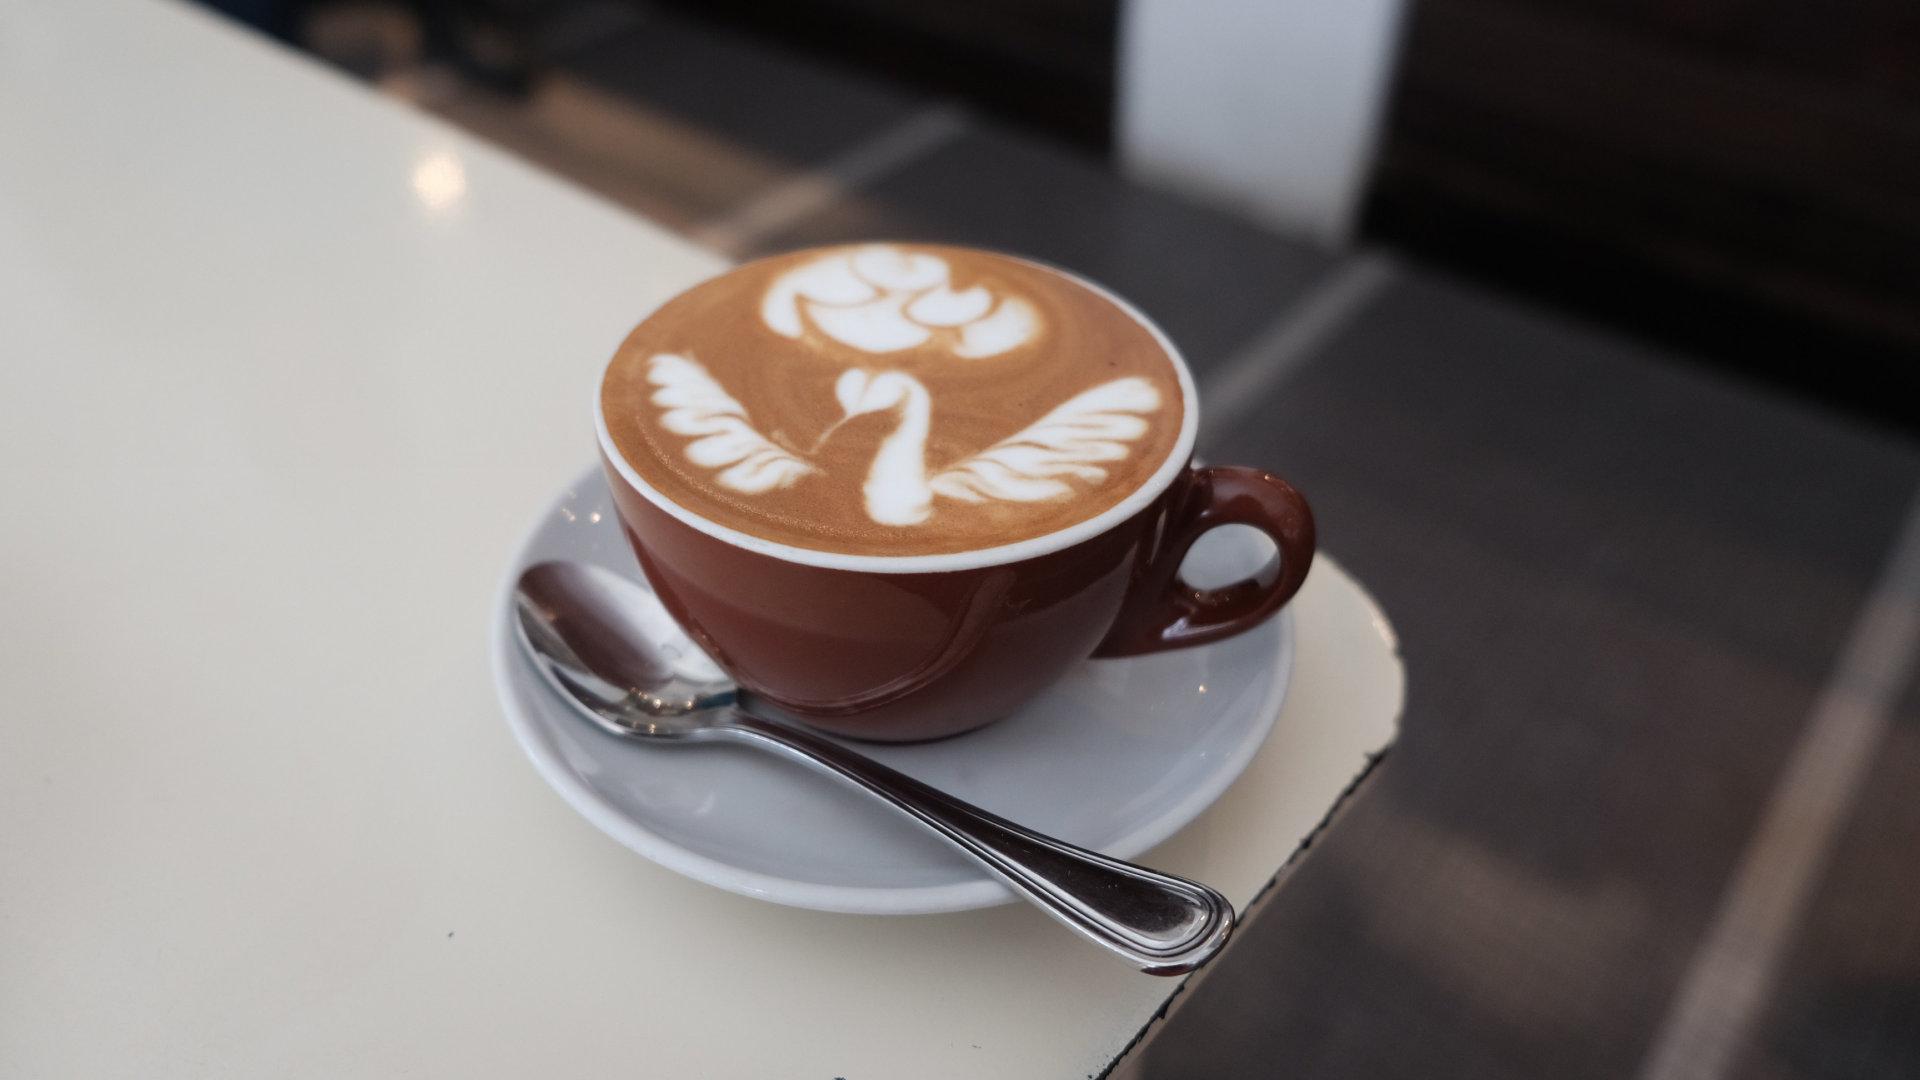 醇香浓郁的咖啡高清图片大全